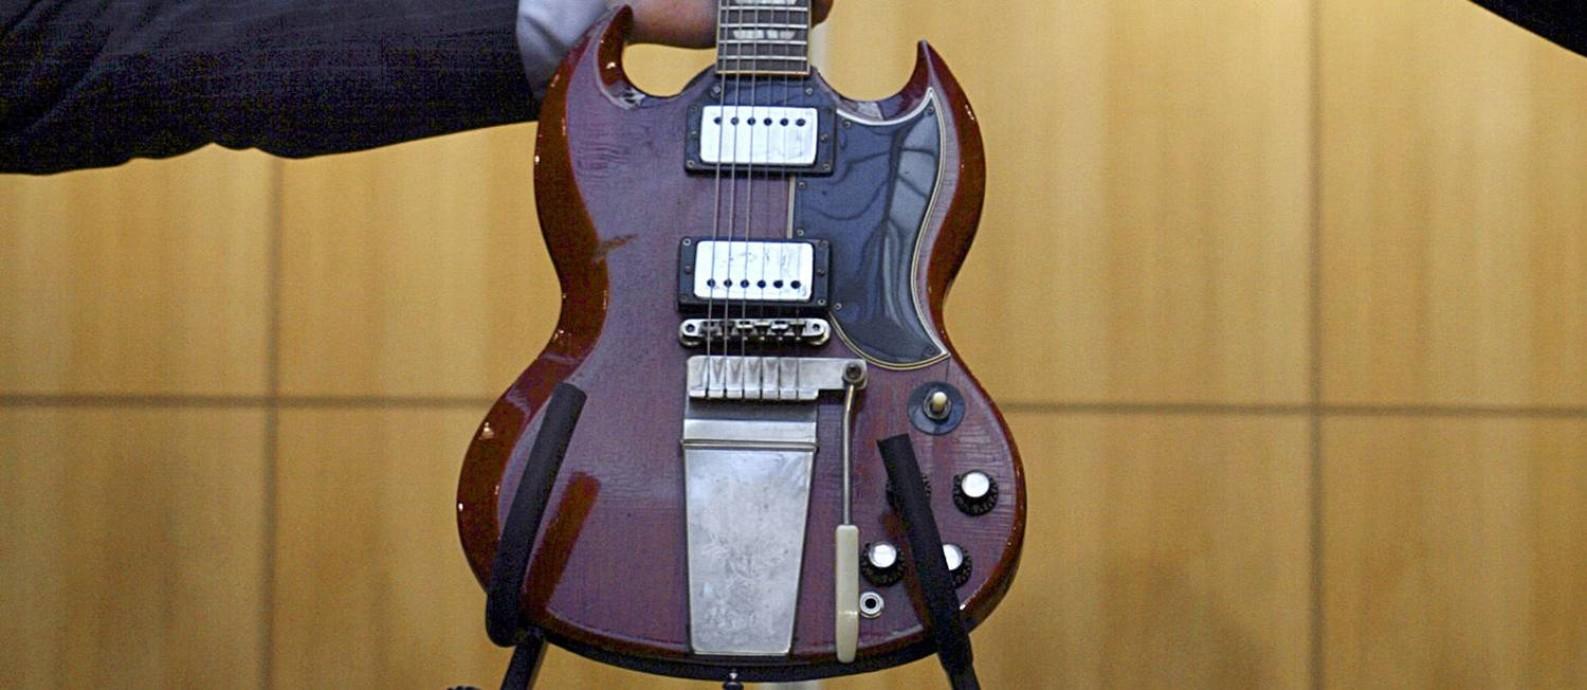 Gibson usada por George Harrison e John Lennon, dos Beatles, em gravações da banda; empresa pode vir à falência Foto: ALESSANDRO ABBONIZIO / AFP